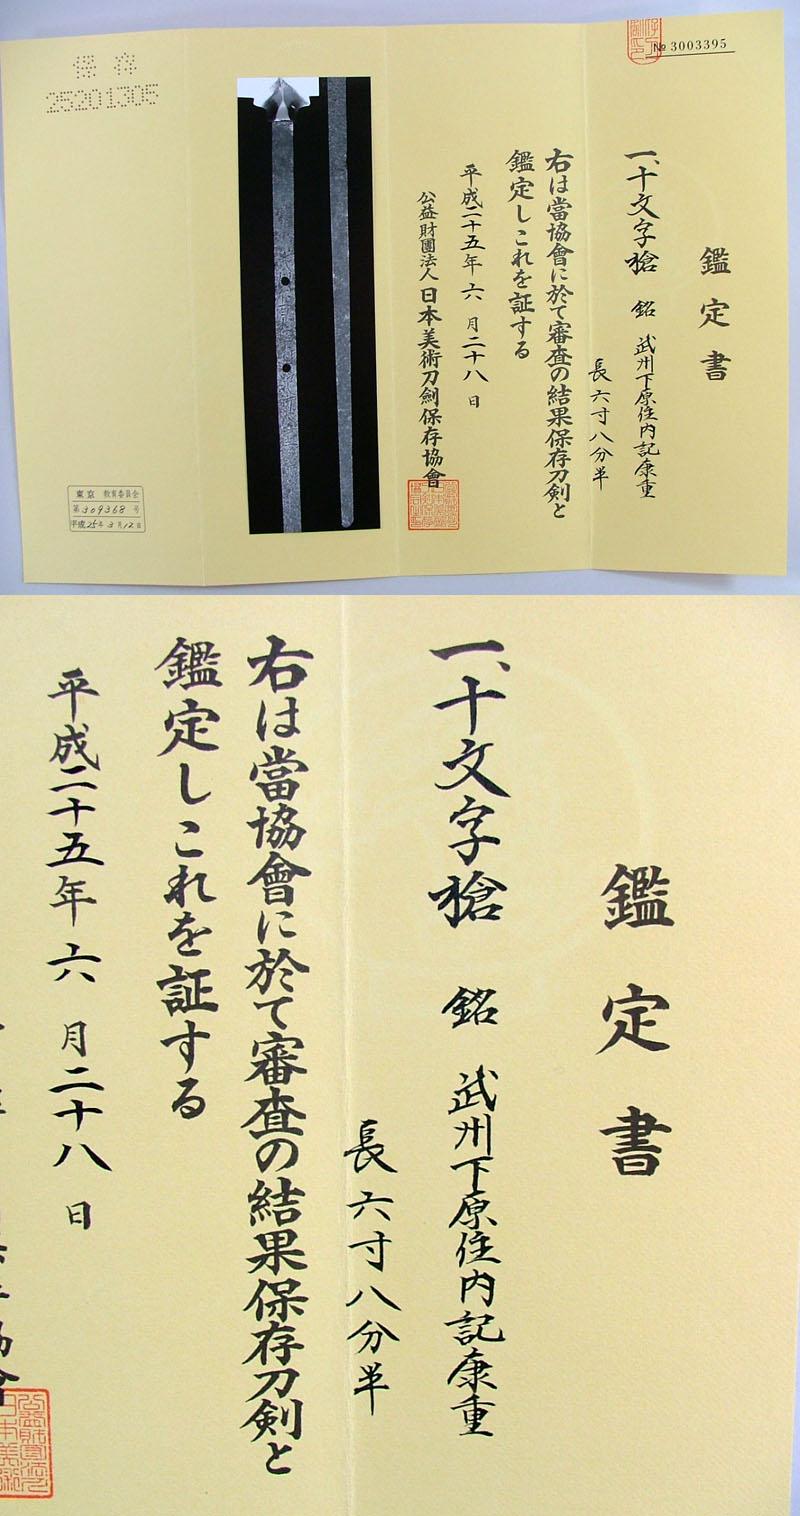 十文字槍 武州下原住内記康重 Picture of Certificate